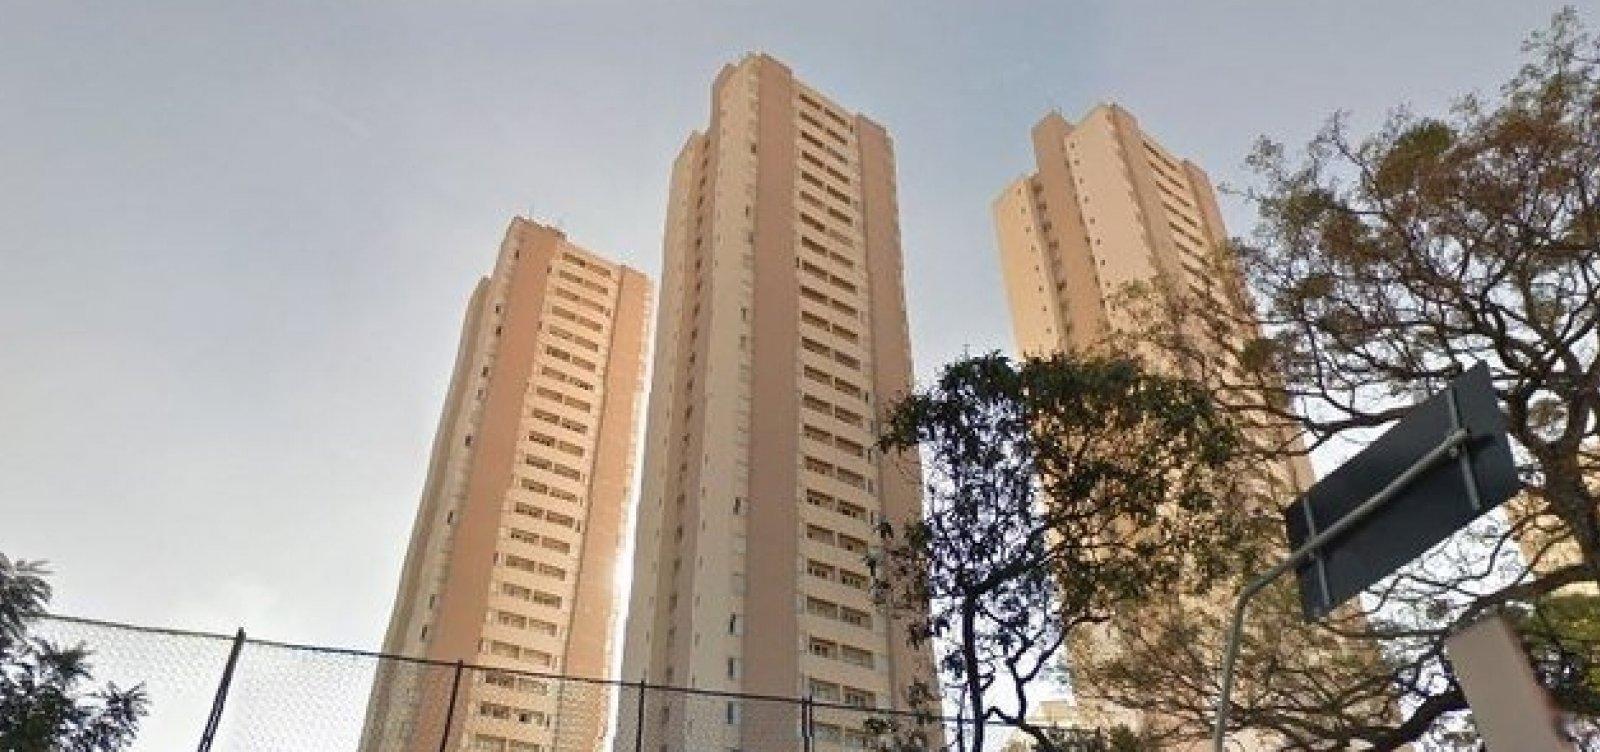 [Mãe joga recém-nascido do 10º andar de prédio em São Paulo]